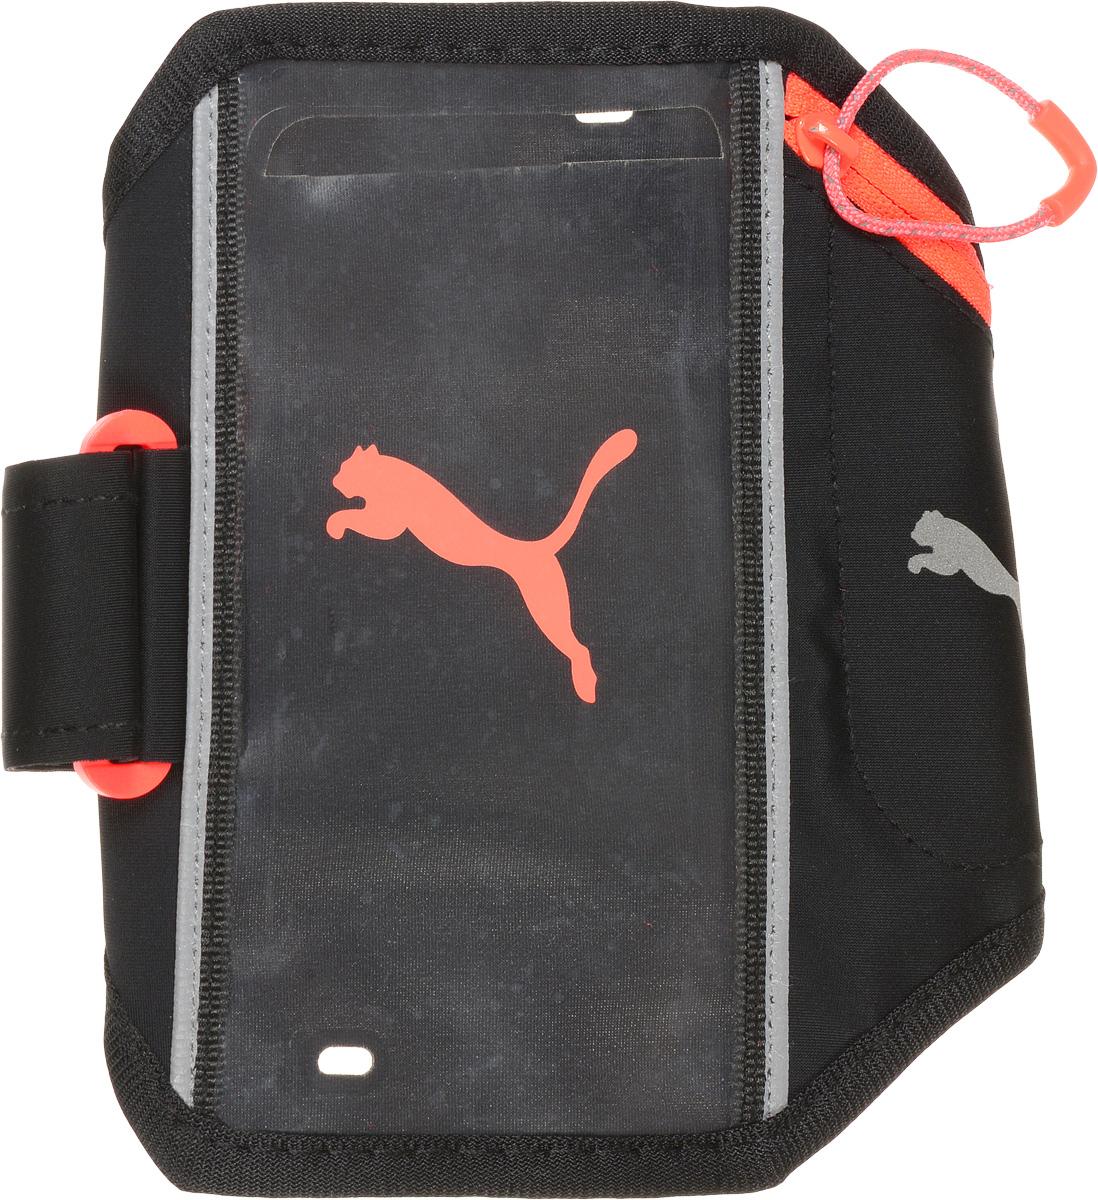 Сумка/чехол для мобильных устройств Puma PR I Sport Phone Armband, цвет: черный. 05305606. Размер L/XL05305606_черный_L/XLНарукавная сумочка для бегуна имеет прозрачное «окошко» под размер экрана I-Phone 6, позволяющее осуществлять сенсорное управление электронным устройством, а также дополнительное отделение на молнии для ключей и мелких предметов. Сумочка украшена спереди цветным набивным логотипом Puma, а сбоку - логотипом Puma из светоотражающего материала для повышения вашей безопасности в темное время суток. Сумочка надежно крепится к руке при помощи эластичного держателя регулируемой длины с пластиковой фурнитурой и выпускается двух размеров: S/M (на окружность бицепса 24-29 см) и L/XL (на окружность бицепса 30-38 см).